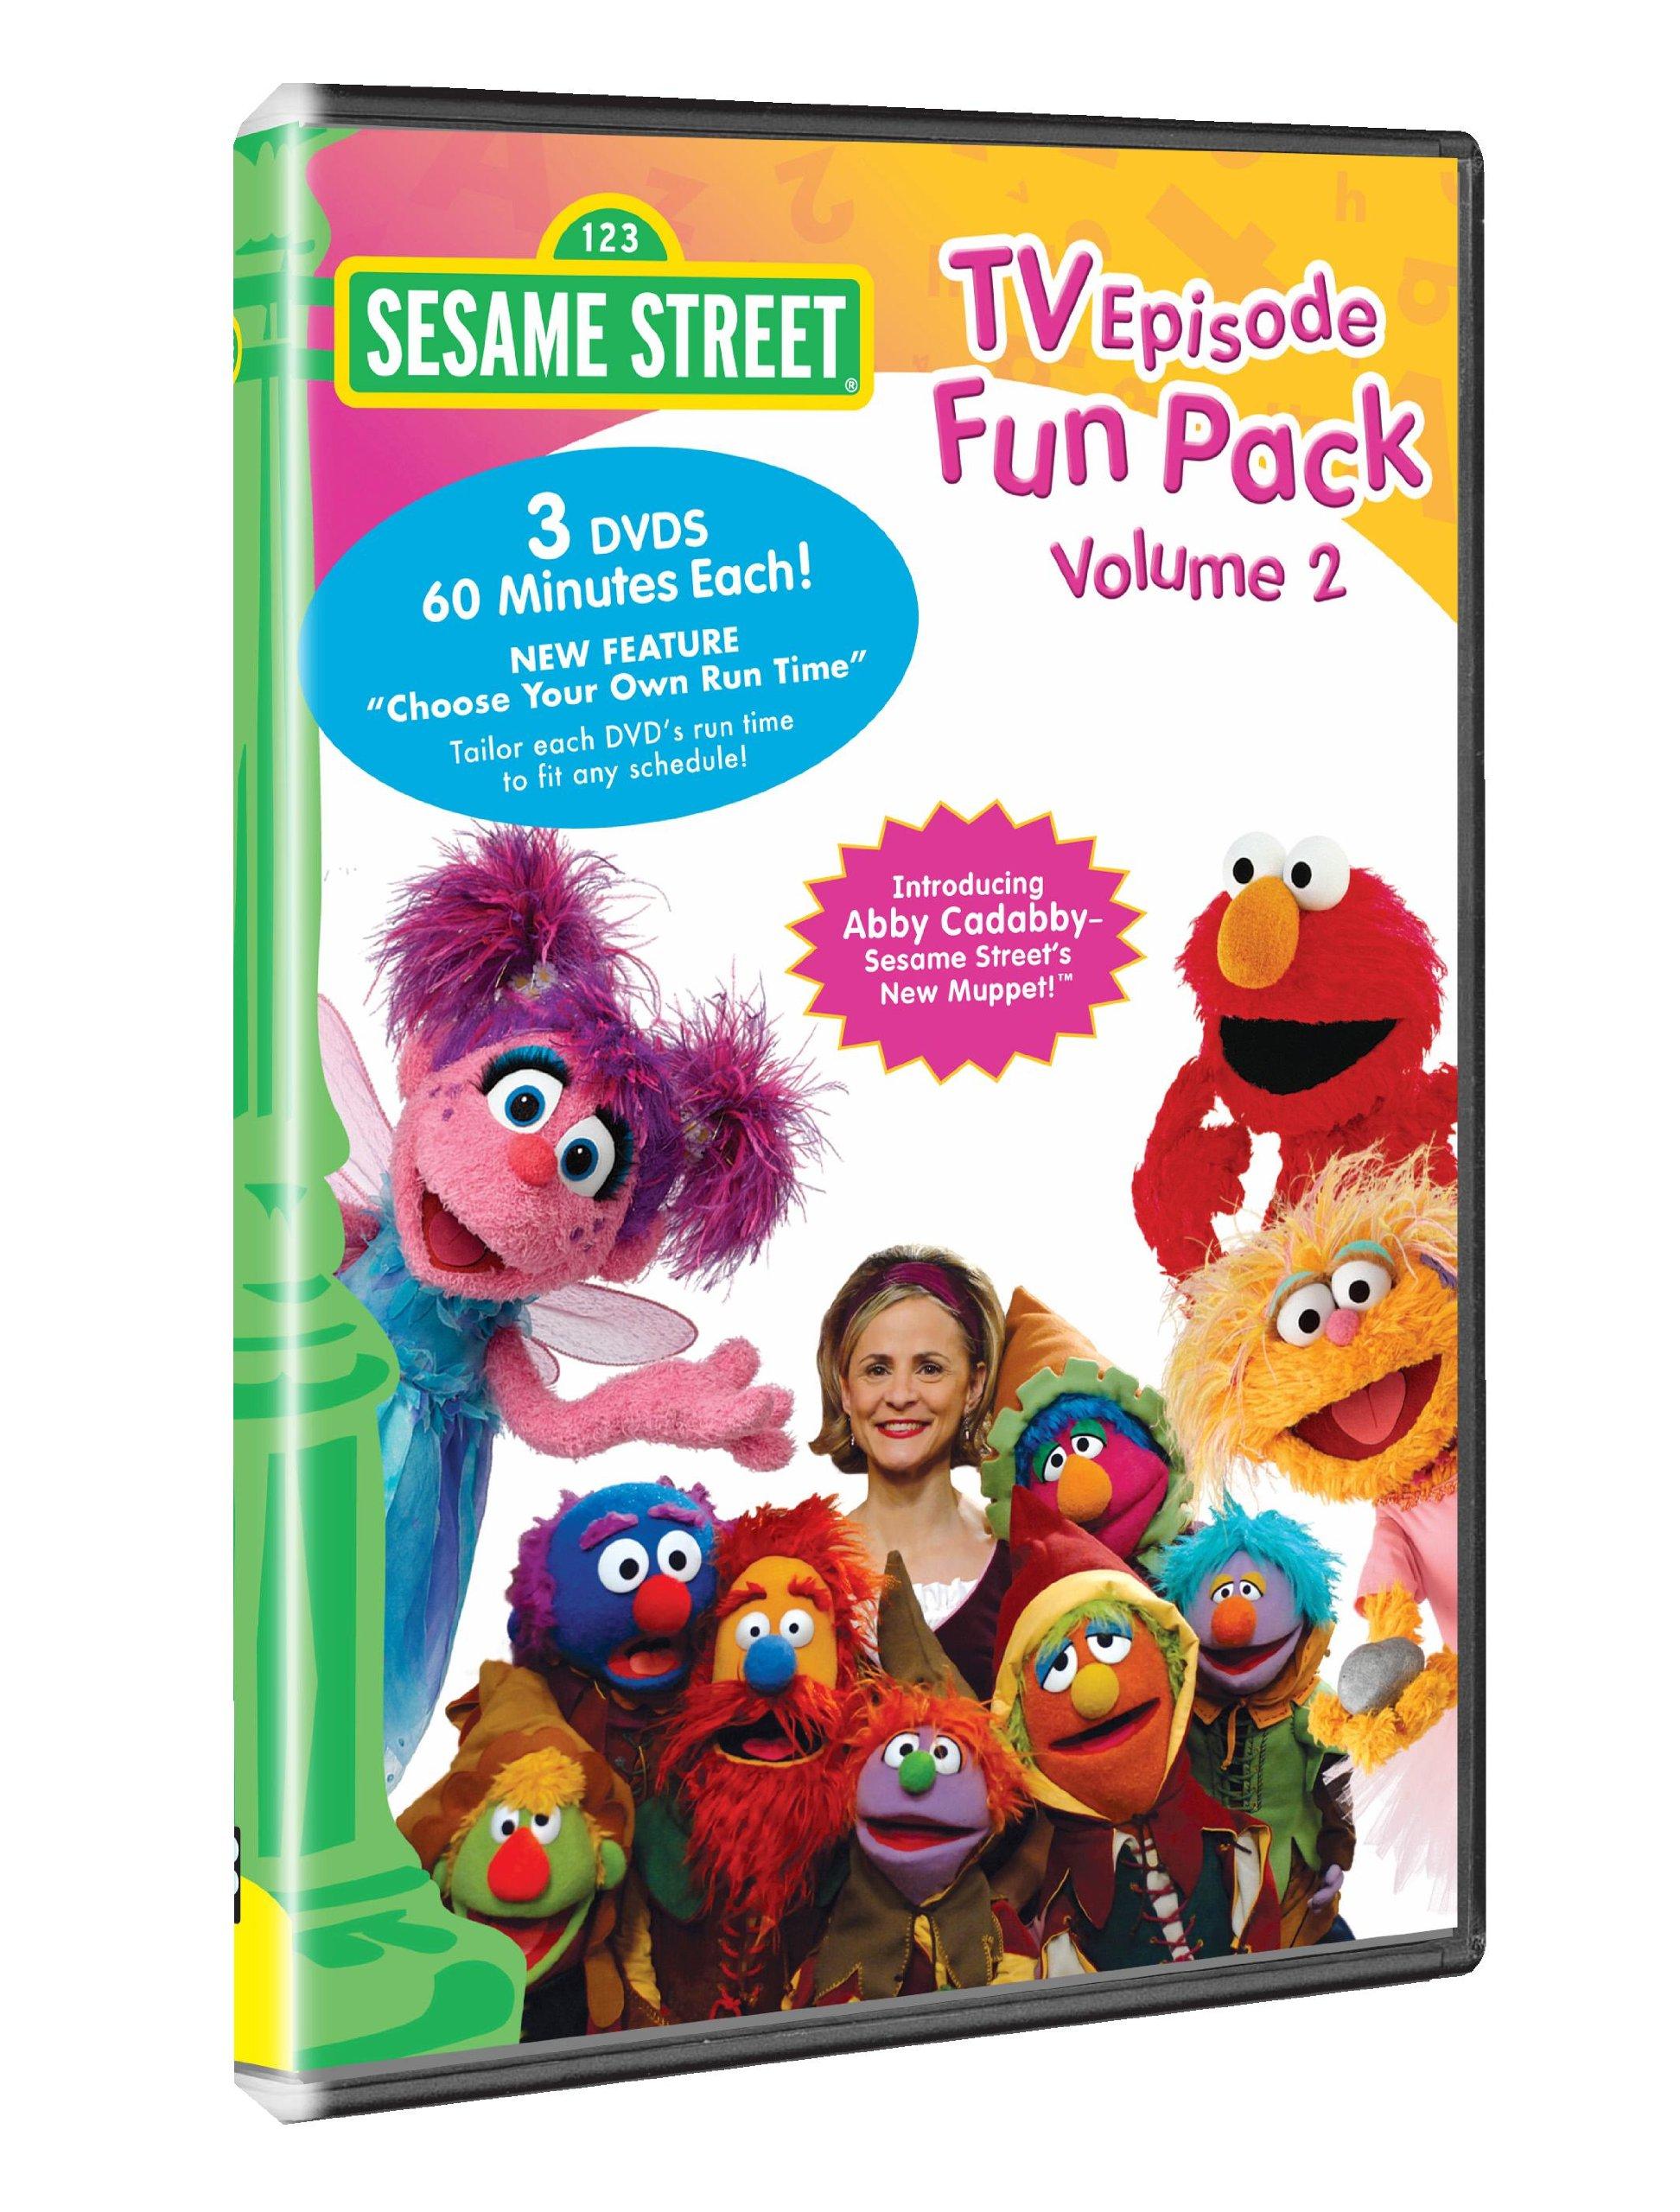 Sesame Street - TV Episode Fun Pack, Vol. 2